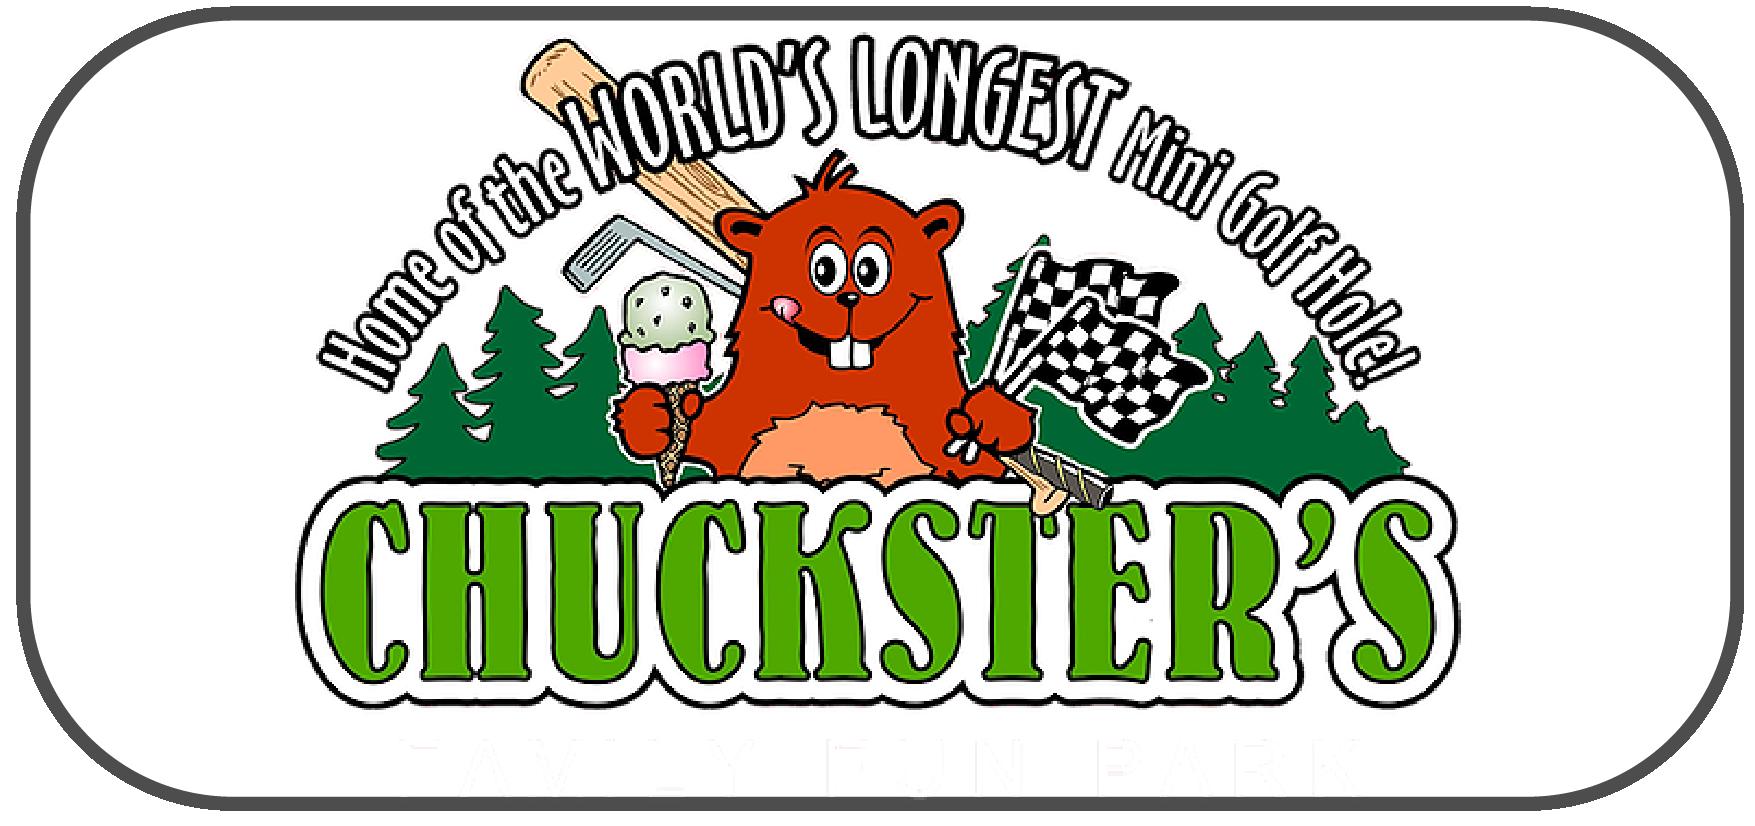 Chuckster's